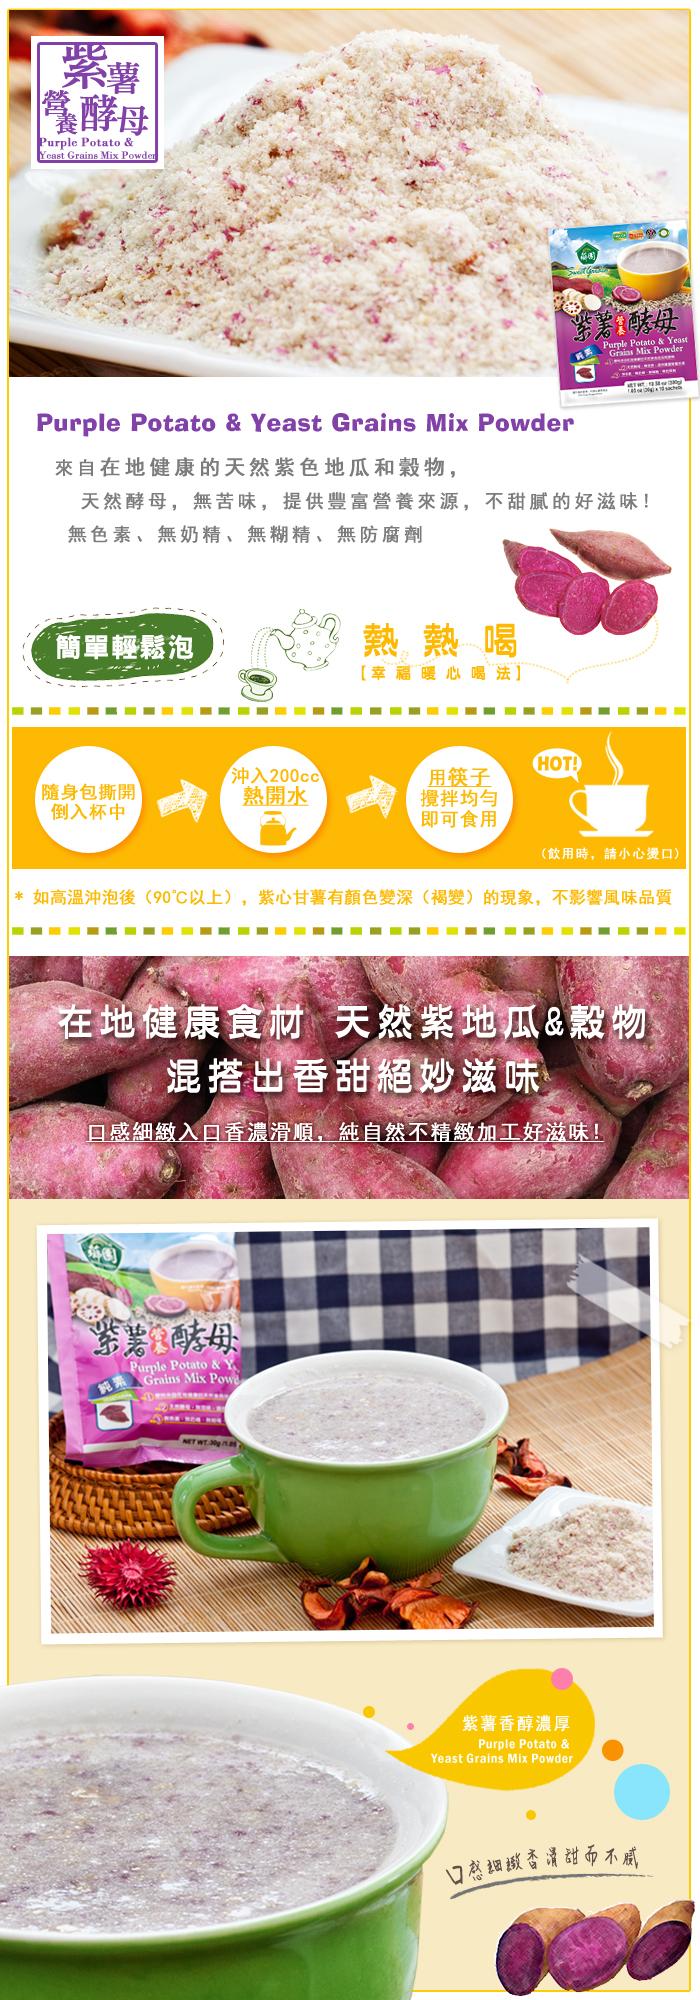 紫薯營養酵母